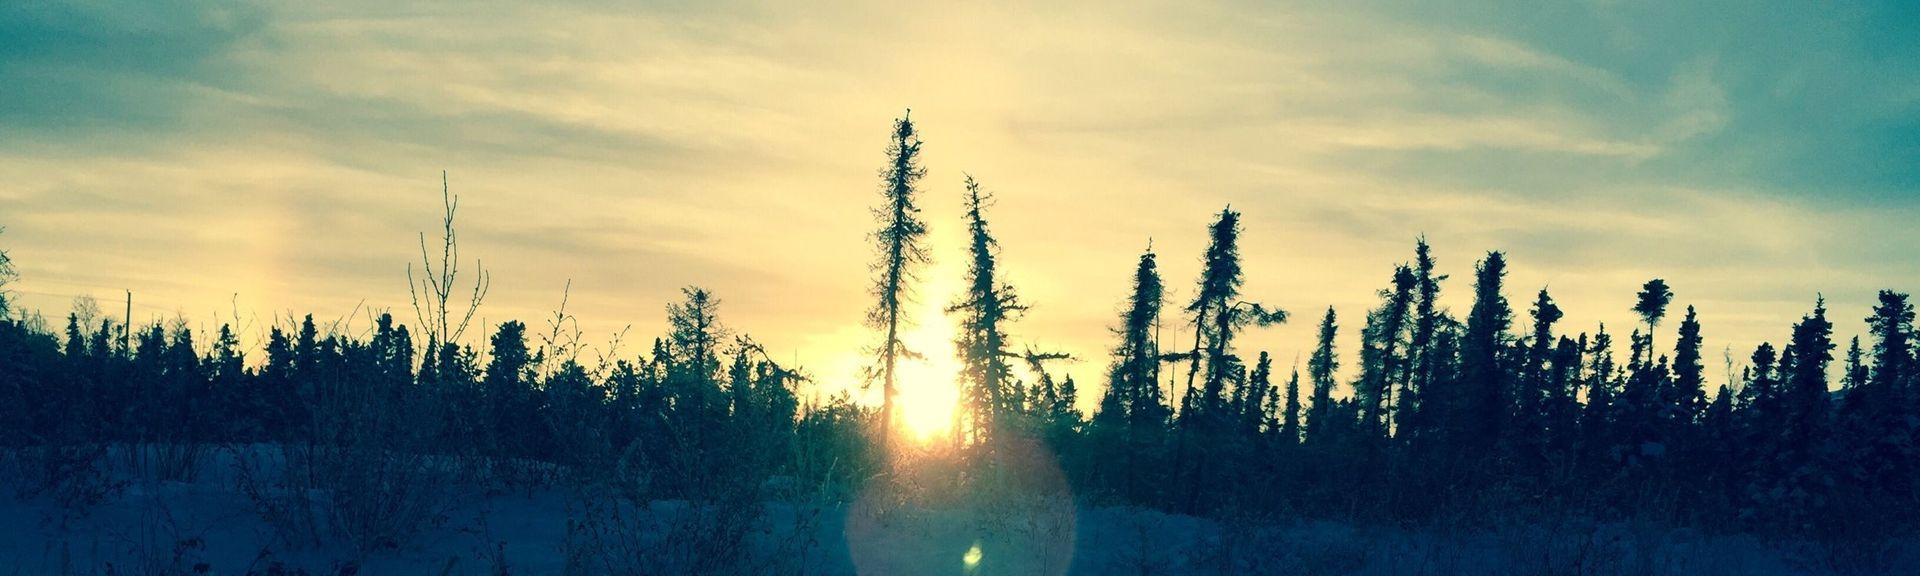 Northwest Territories, Canada